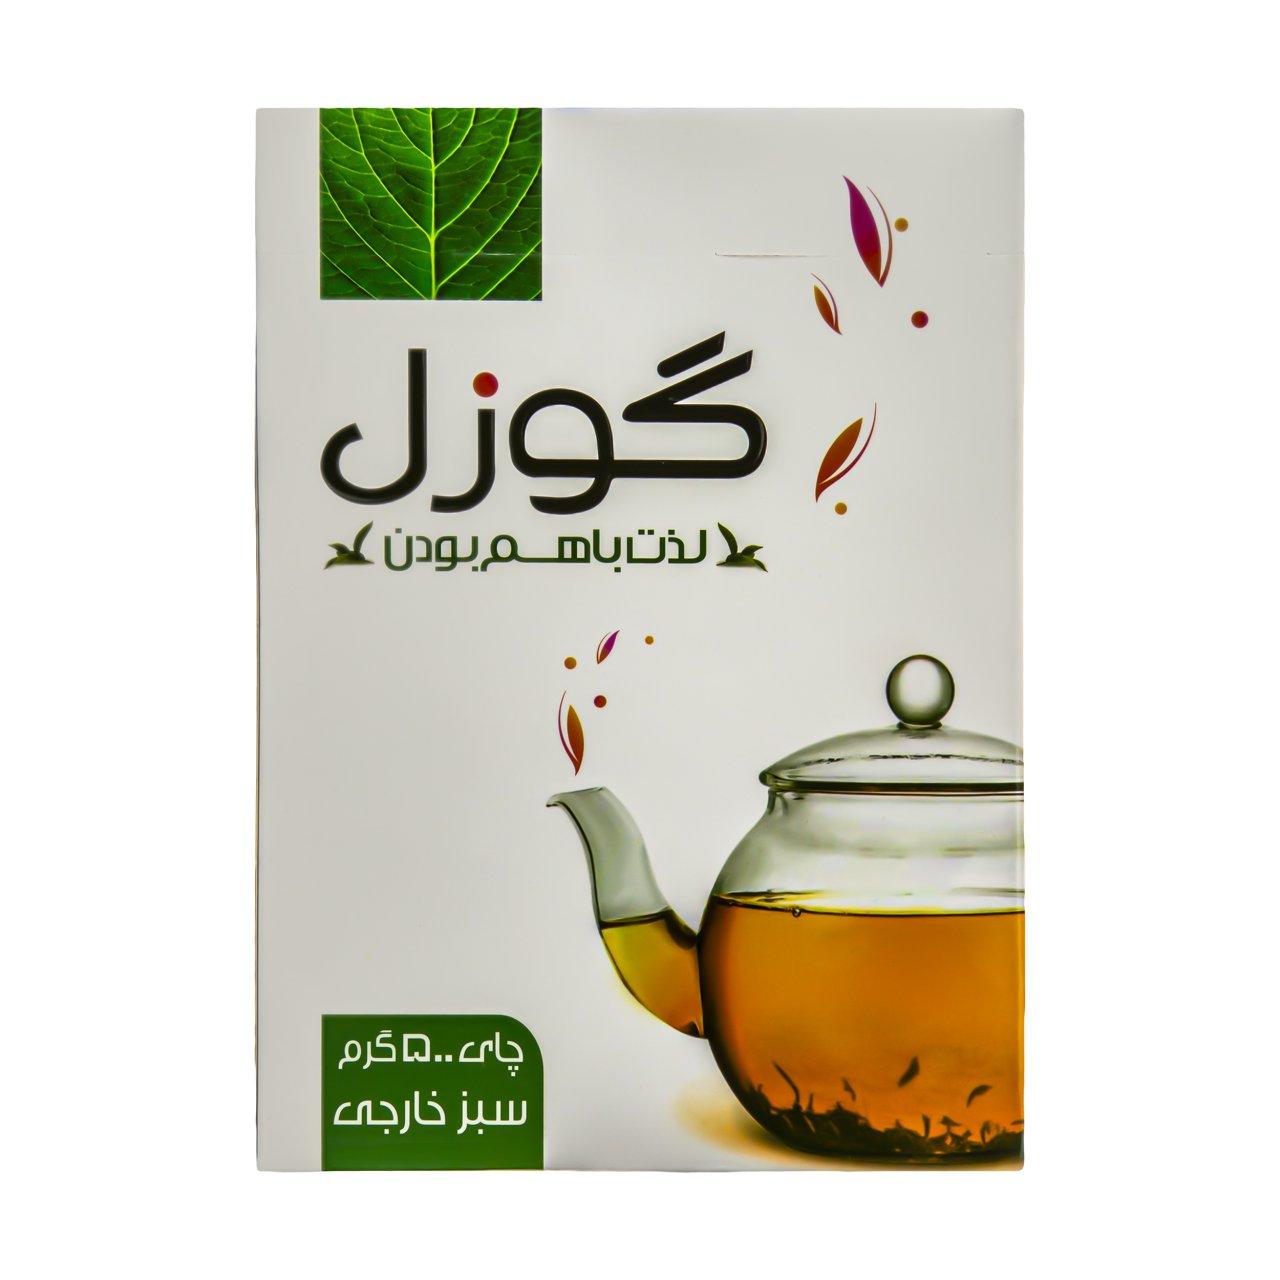 چای گوزل - 500 گرم